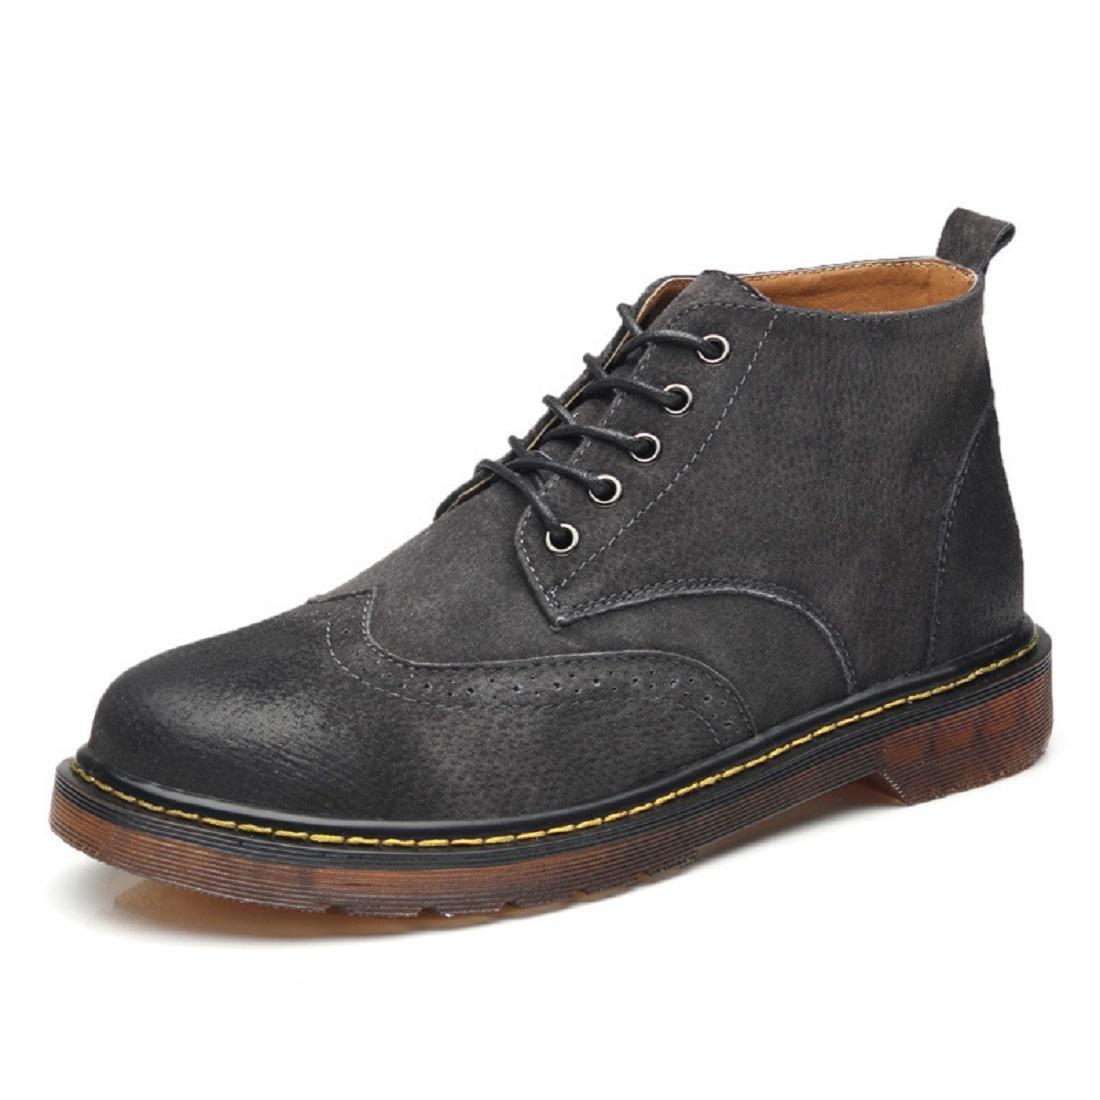 Herren Winter Große Größe Martin Stiefel Warm halten Werkzeugschuhe Lässige Schuhe Freizeit Lederschuhe Schuhe erhöhen EUR GRÖSSE 38-46